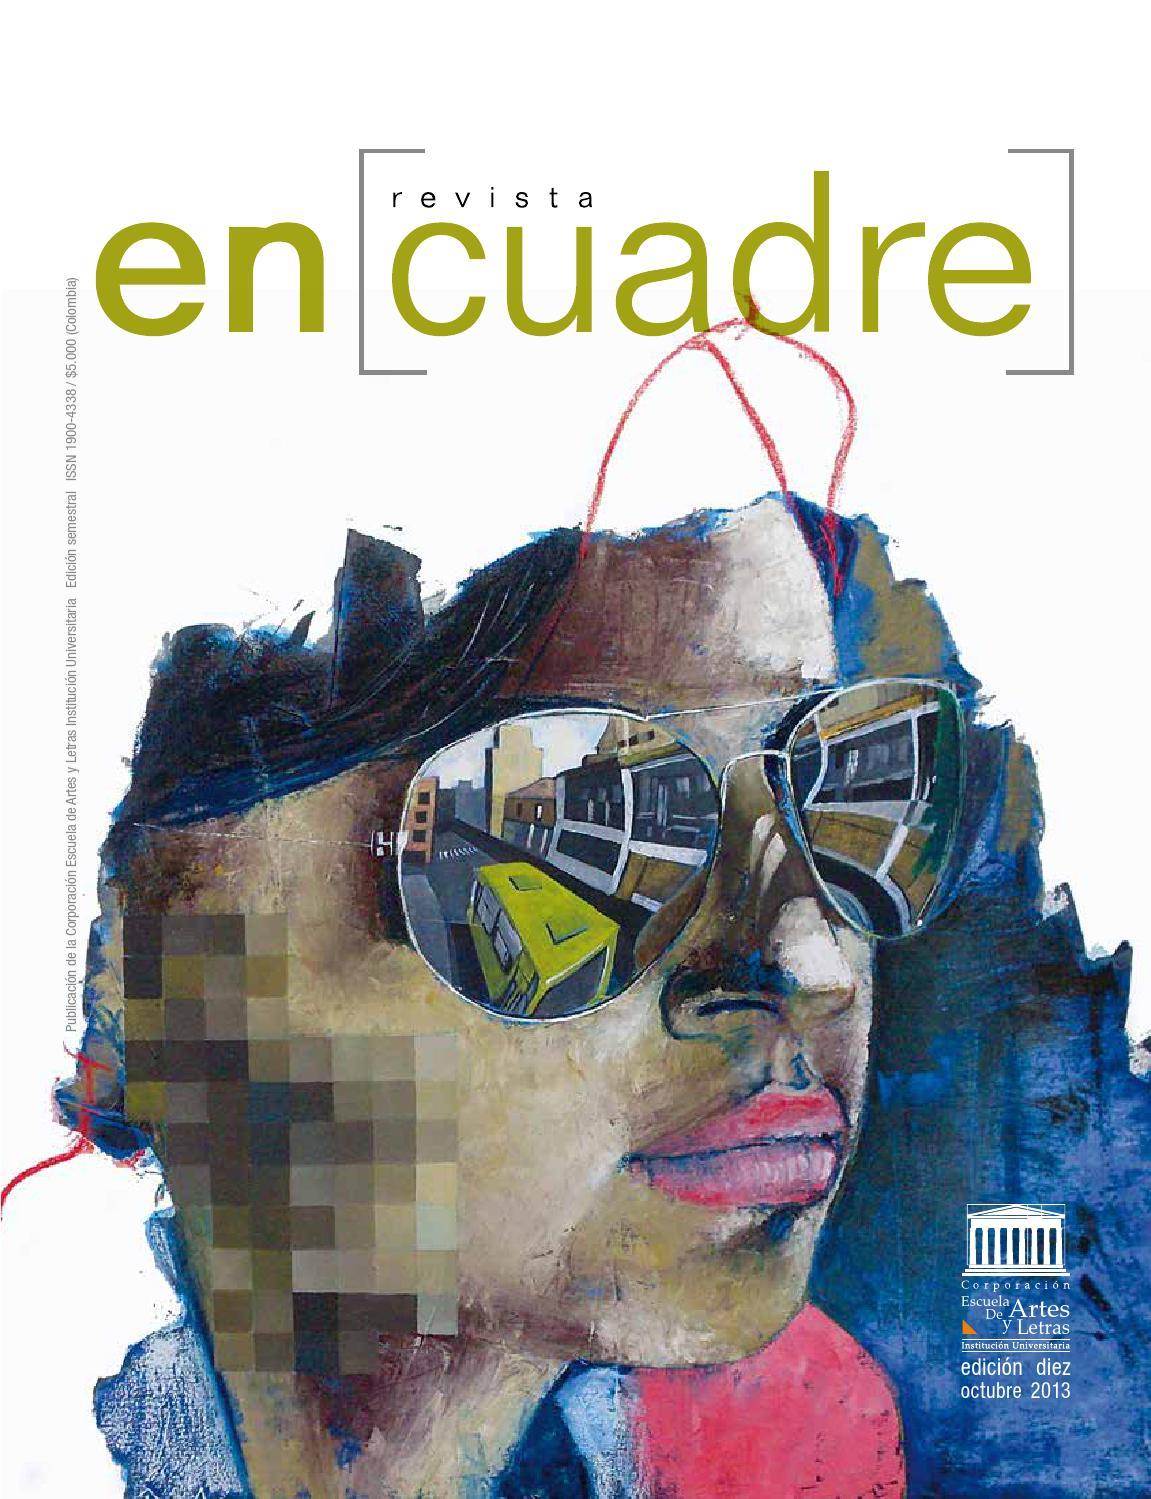 Revista Encuadre - Edición 10 by EAL Comunicaciones - issuu